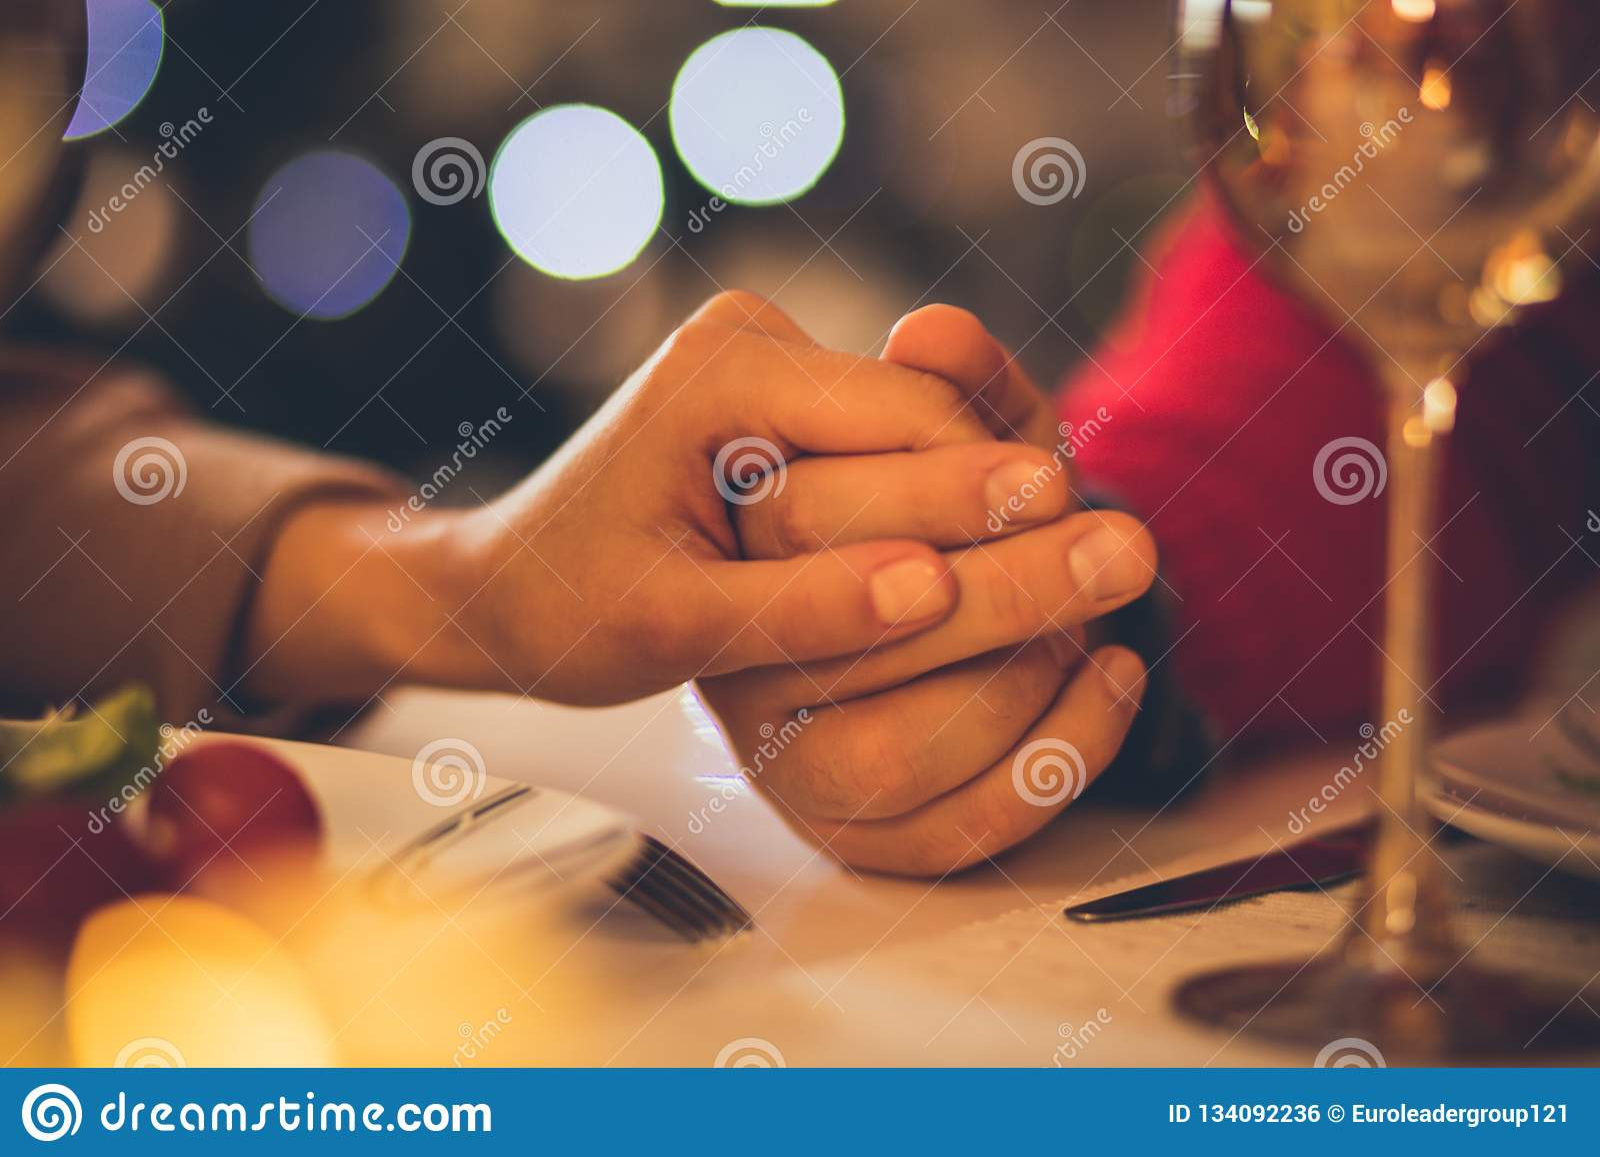 Voor altijd samen